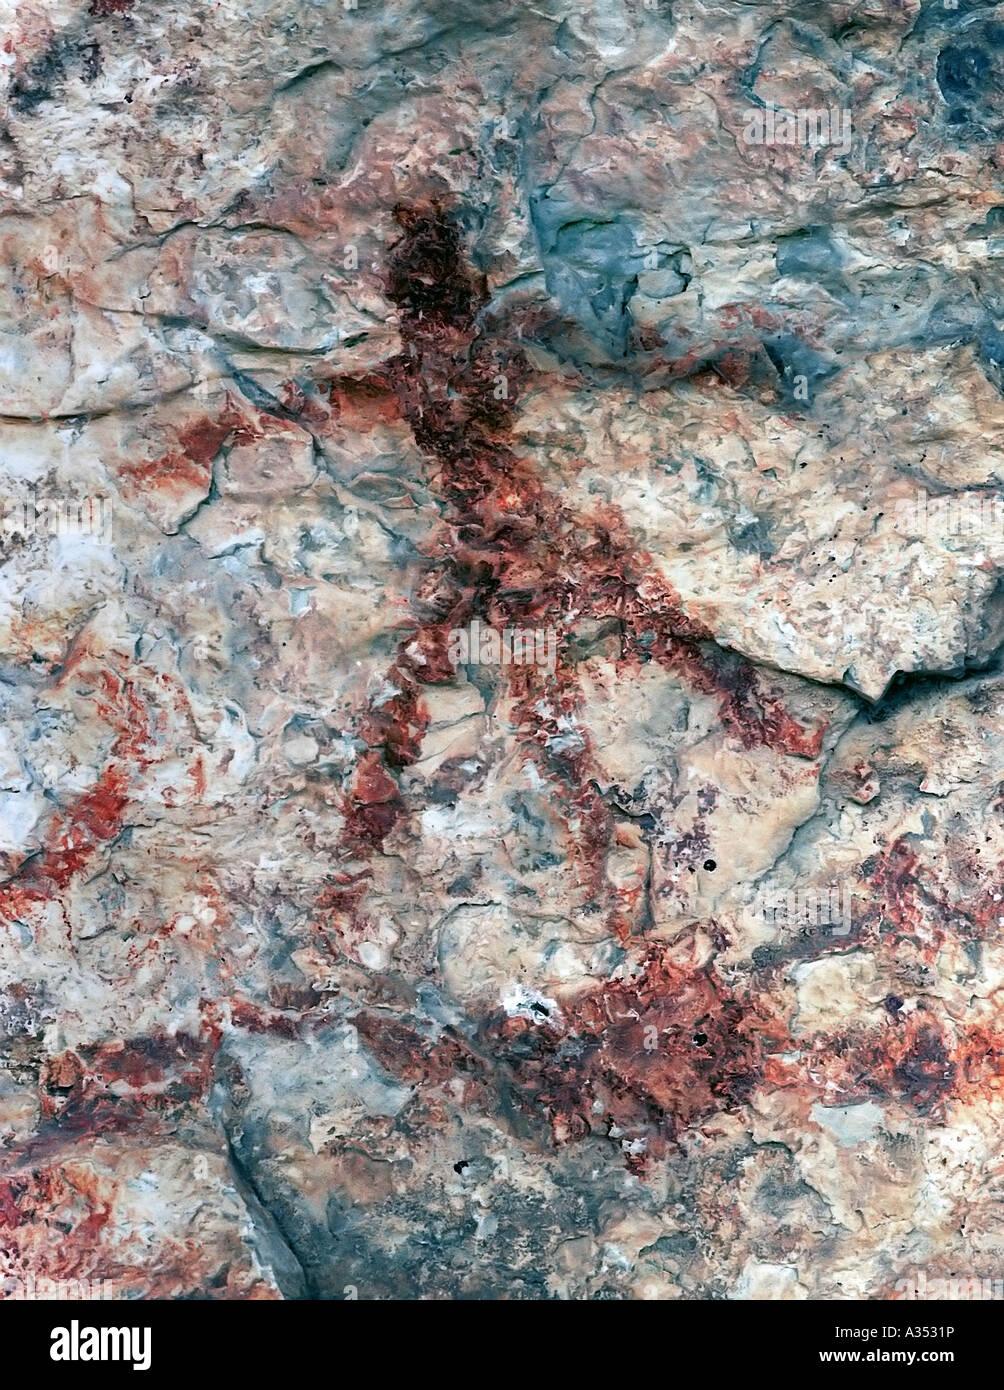 Pinturas americanas nativas en un acantilado en Dryden Texas situado en el extremo norte del desierto de Chihuahua Imagen De Stock